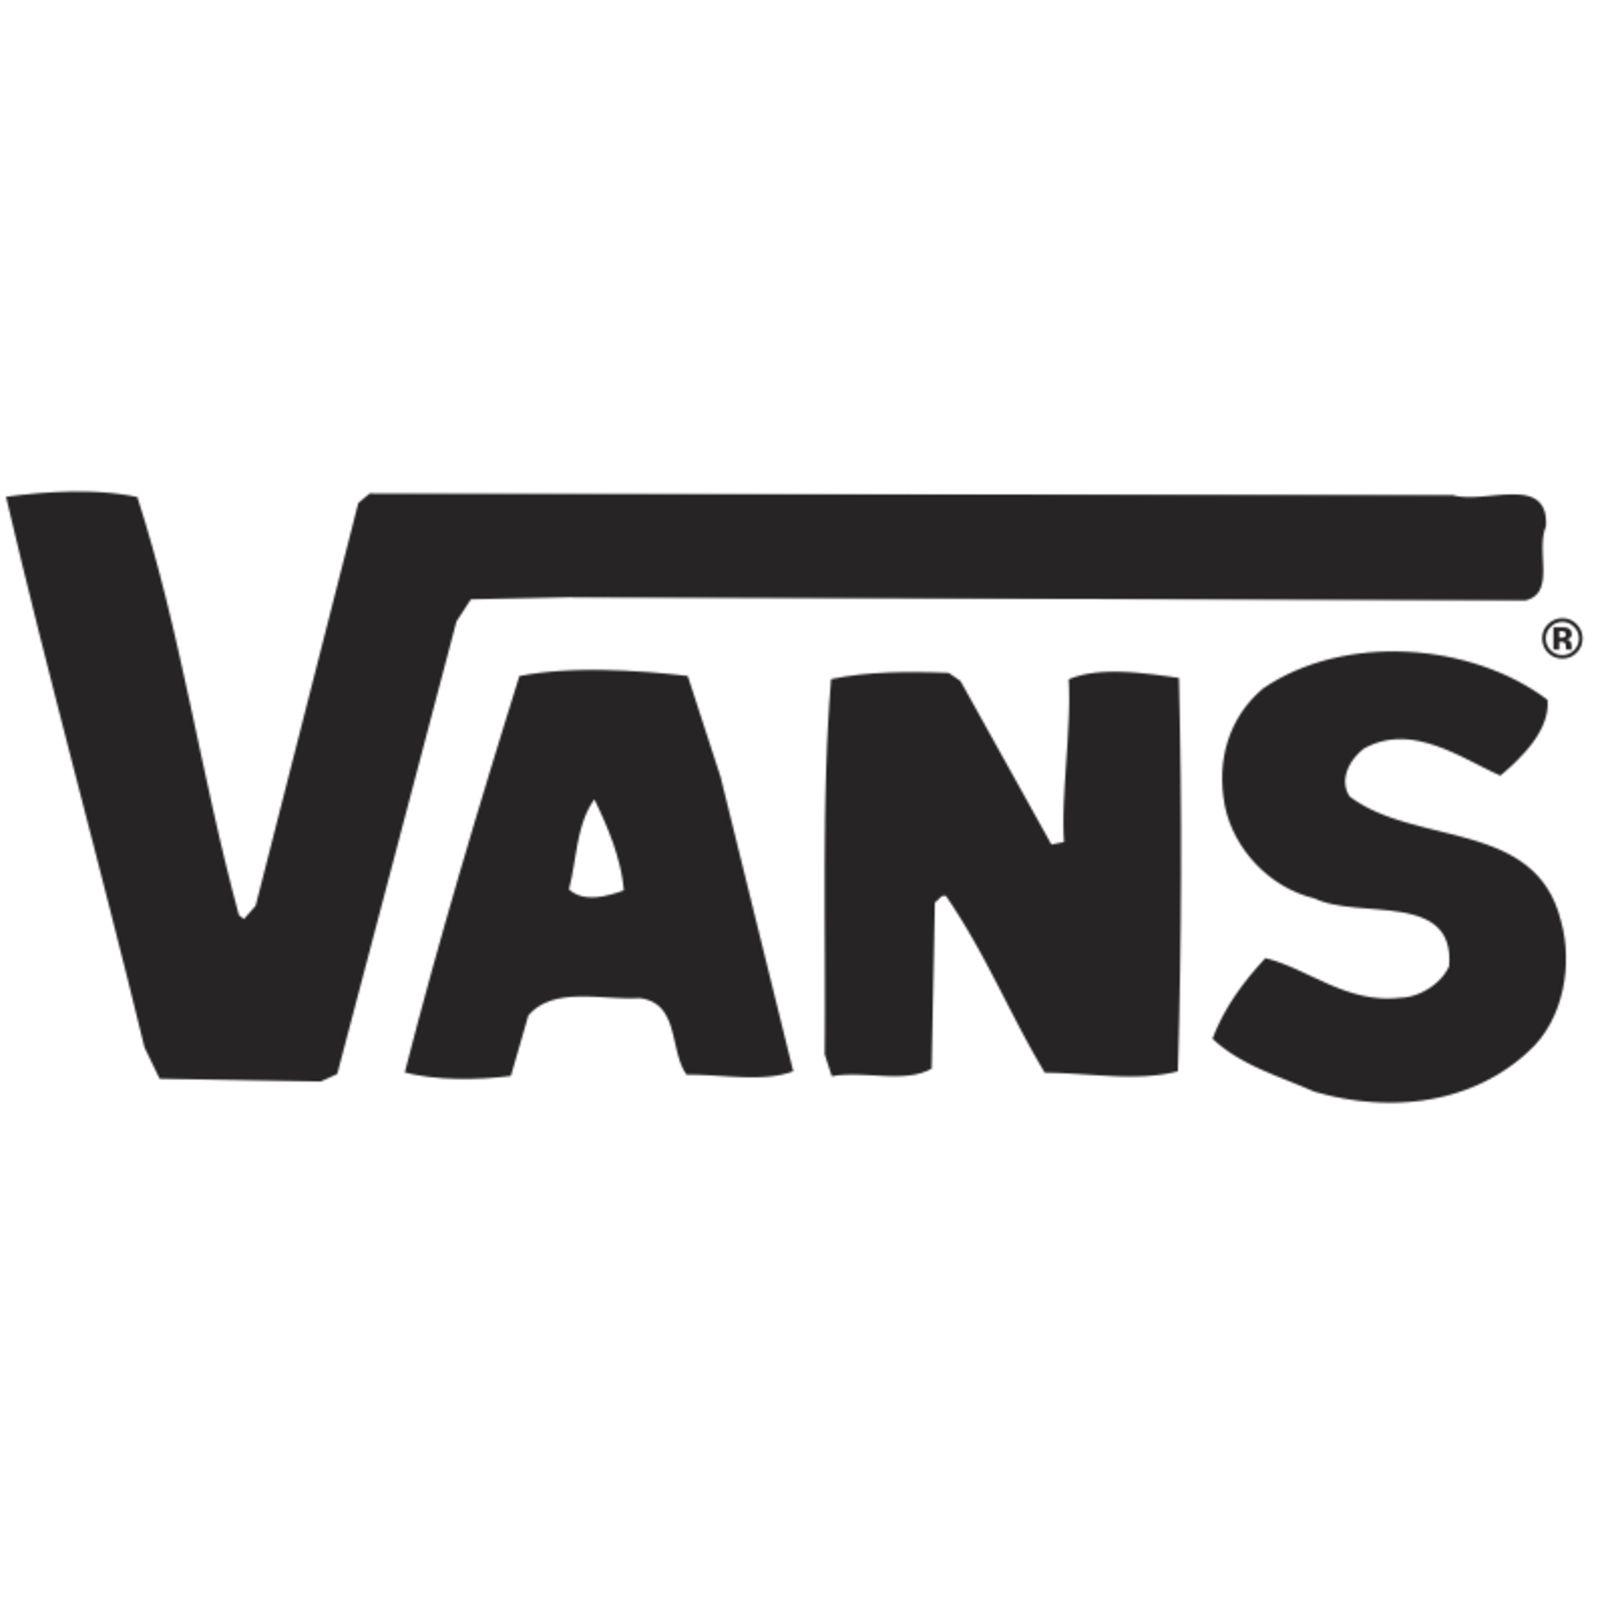 VANS (Bild 1)